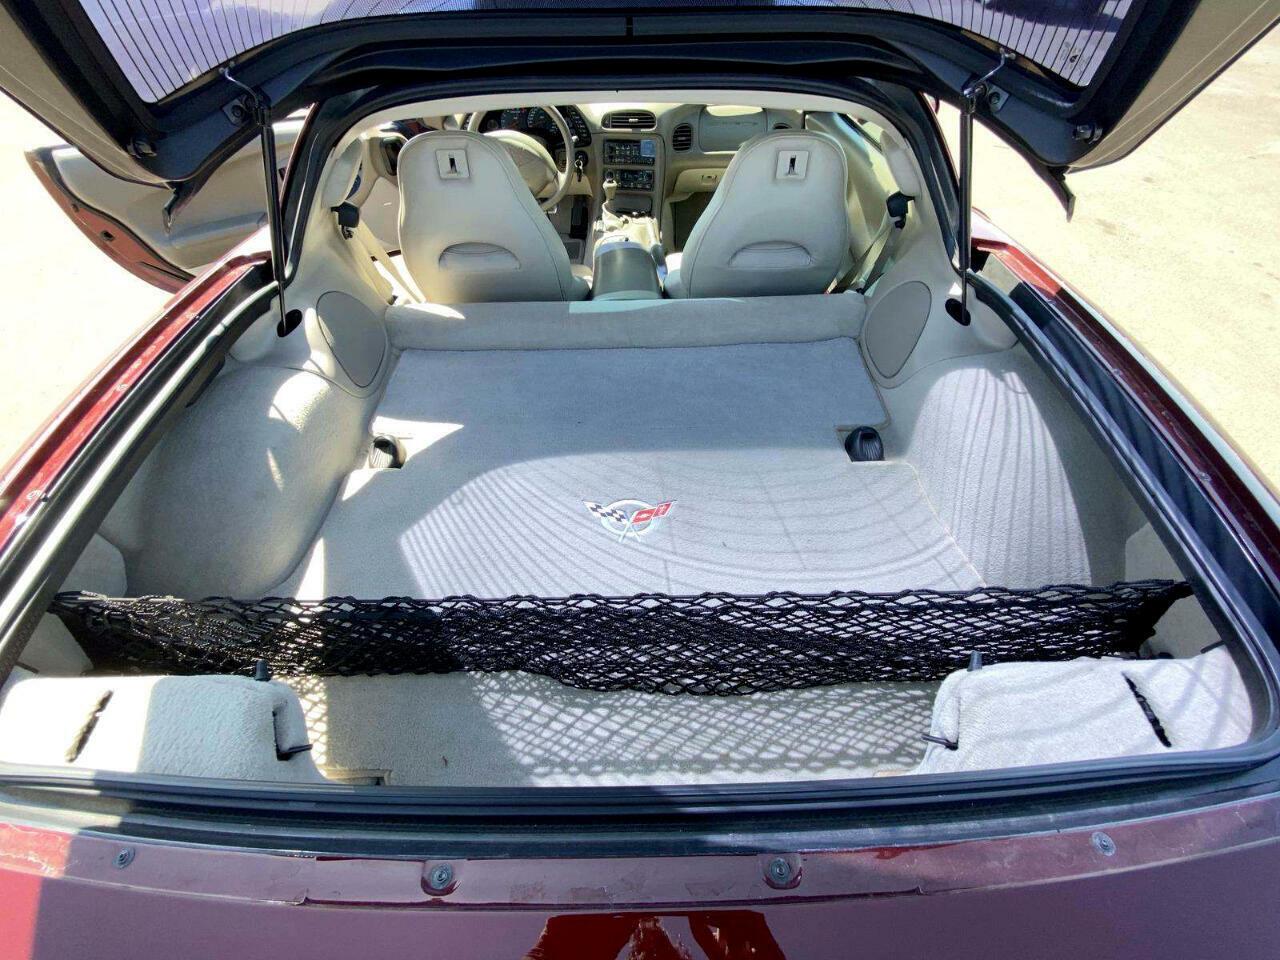 2003 Burgundy Chevrolet Corvette     C5 Corvette Photo 6